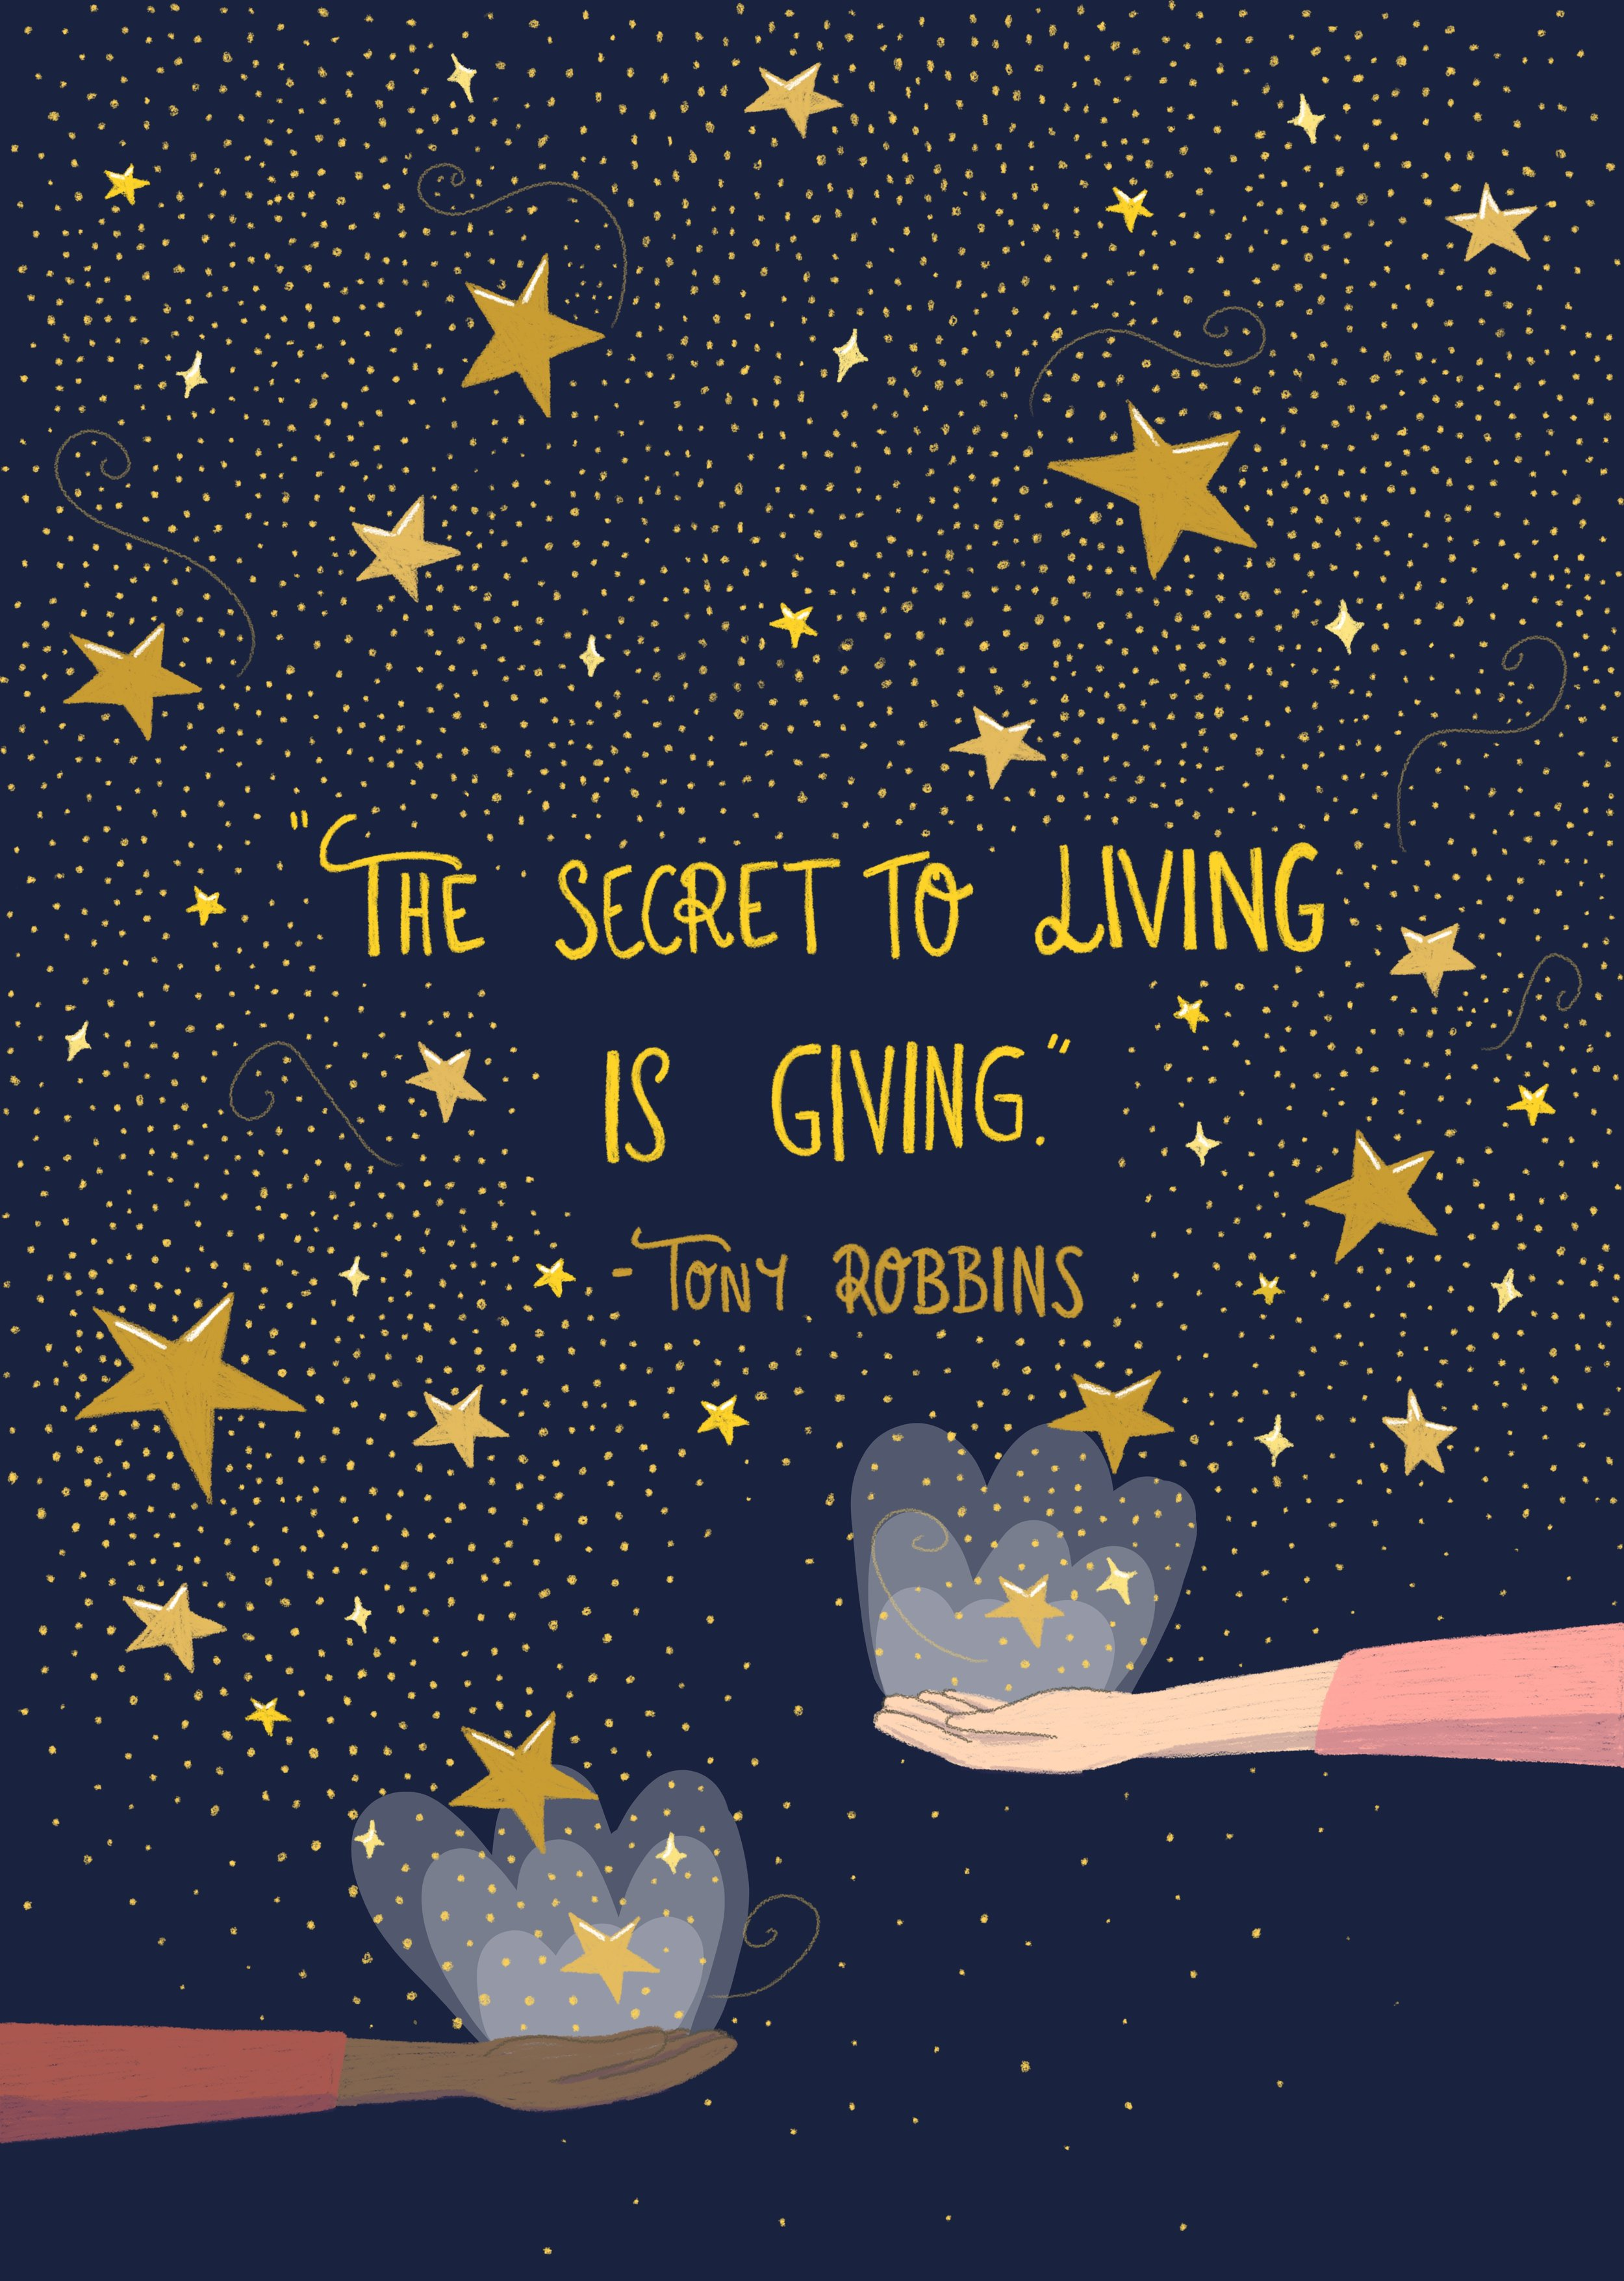 01_Tony Robbins.jpg